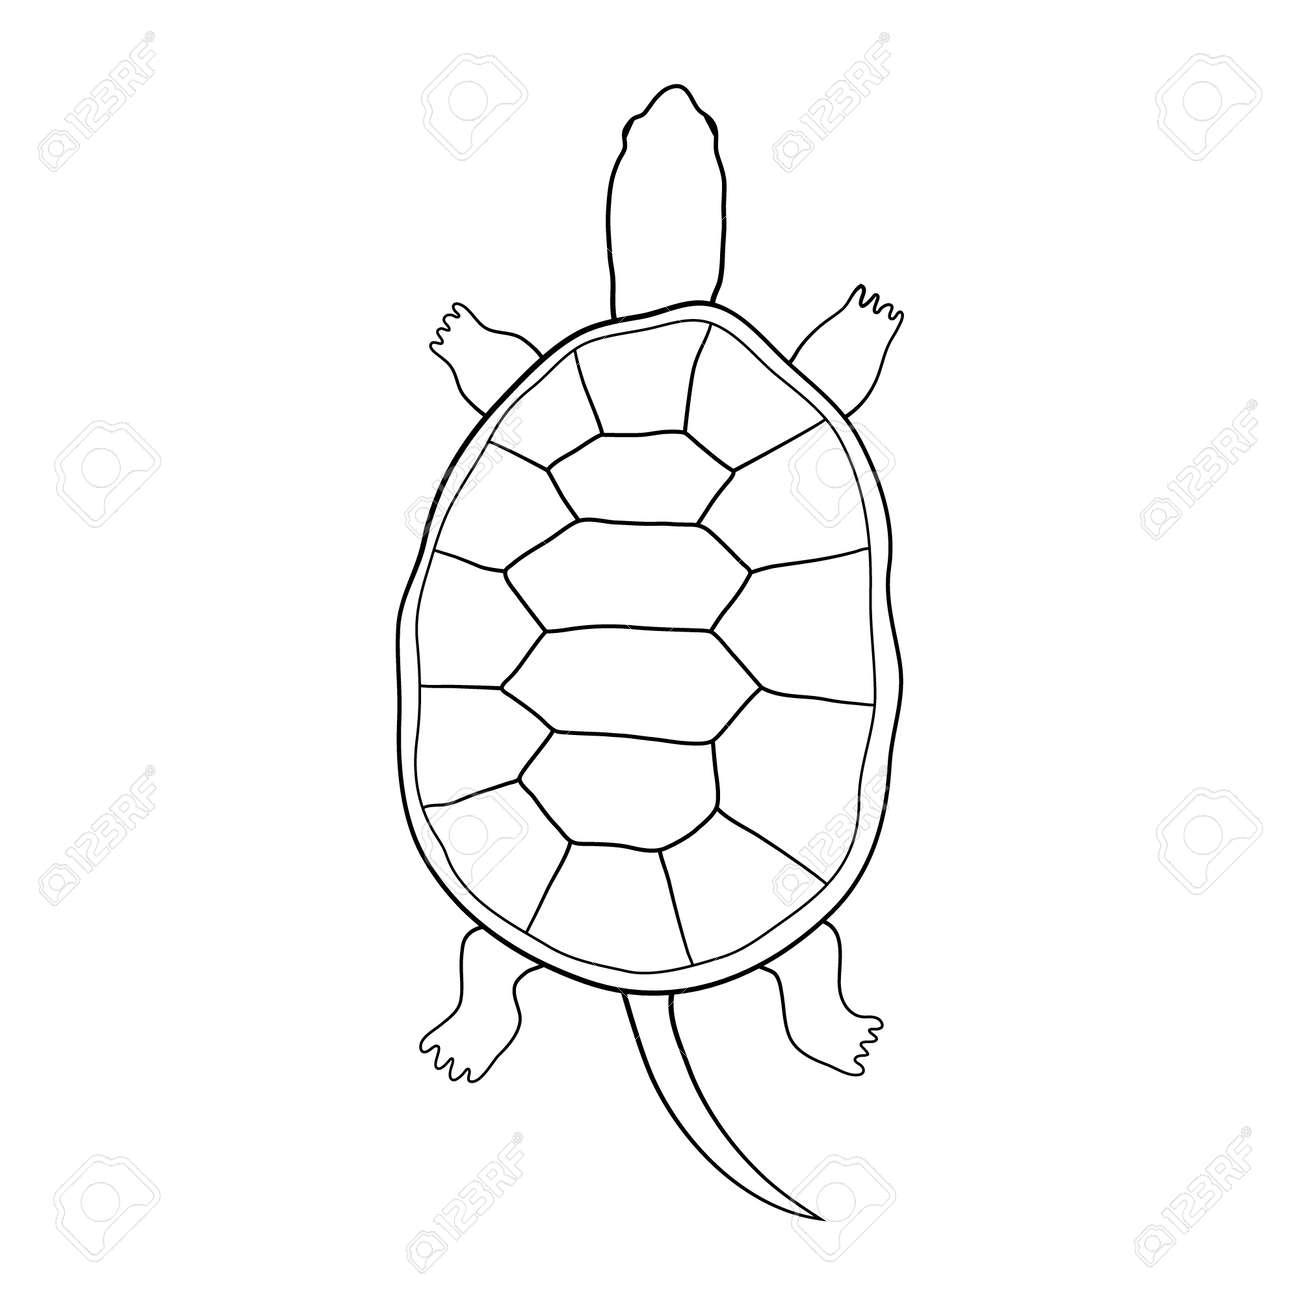 Kleurplaten Zeeschildpad.Hand Getrokken Schildpad Illustratie In Cartoon Stijl De Contour